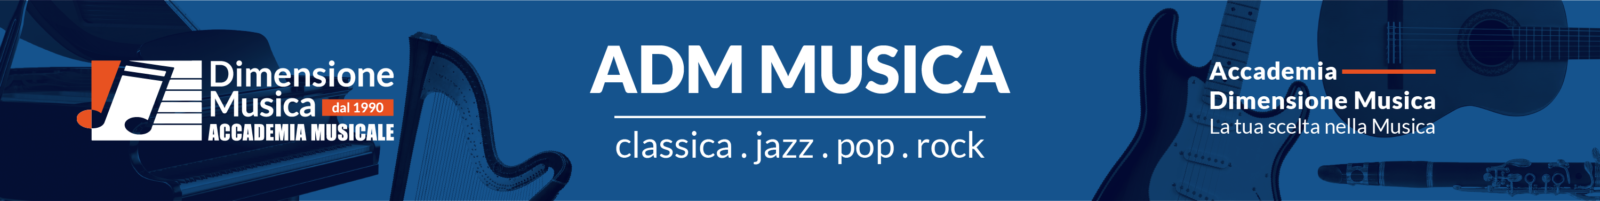 Accademia Dimensione Musica